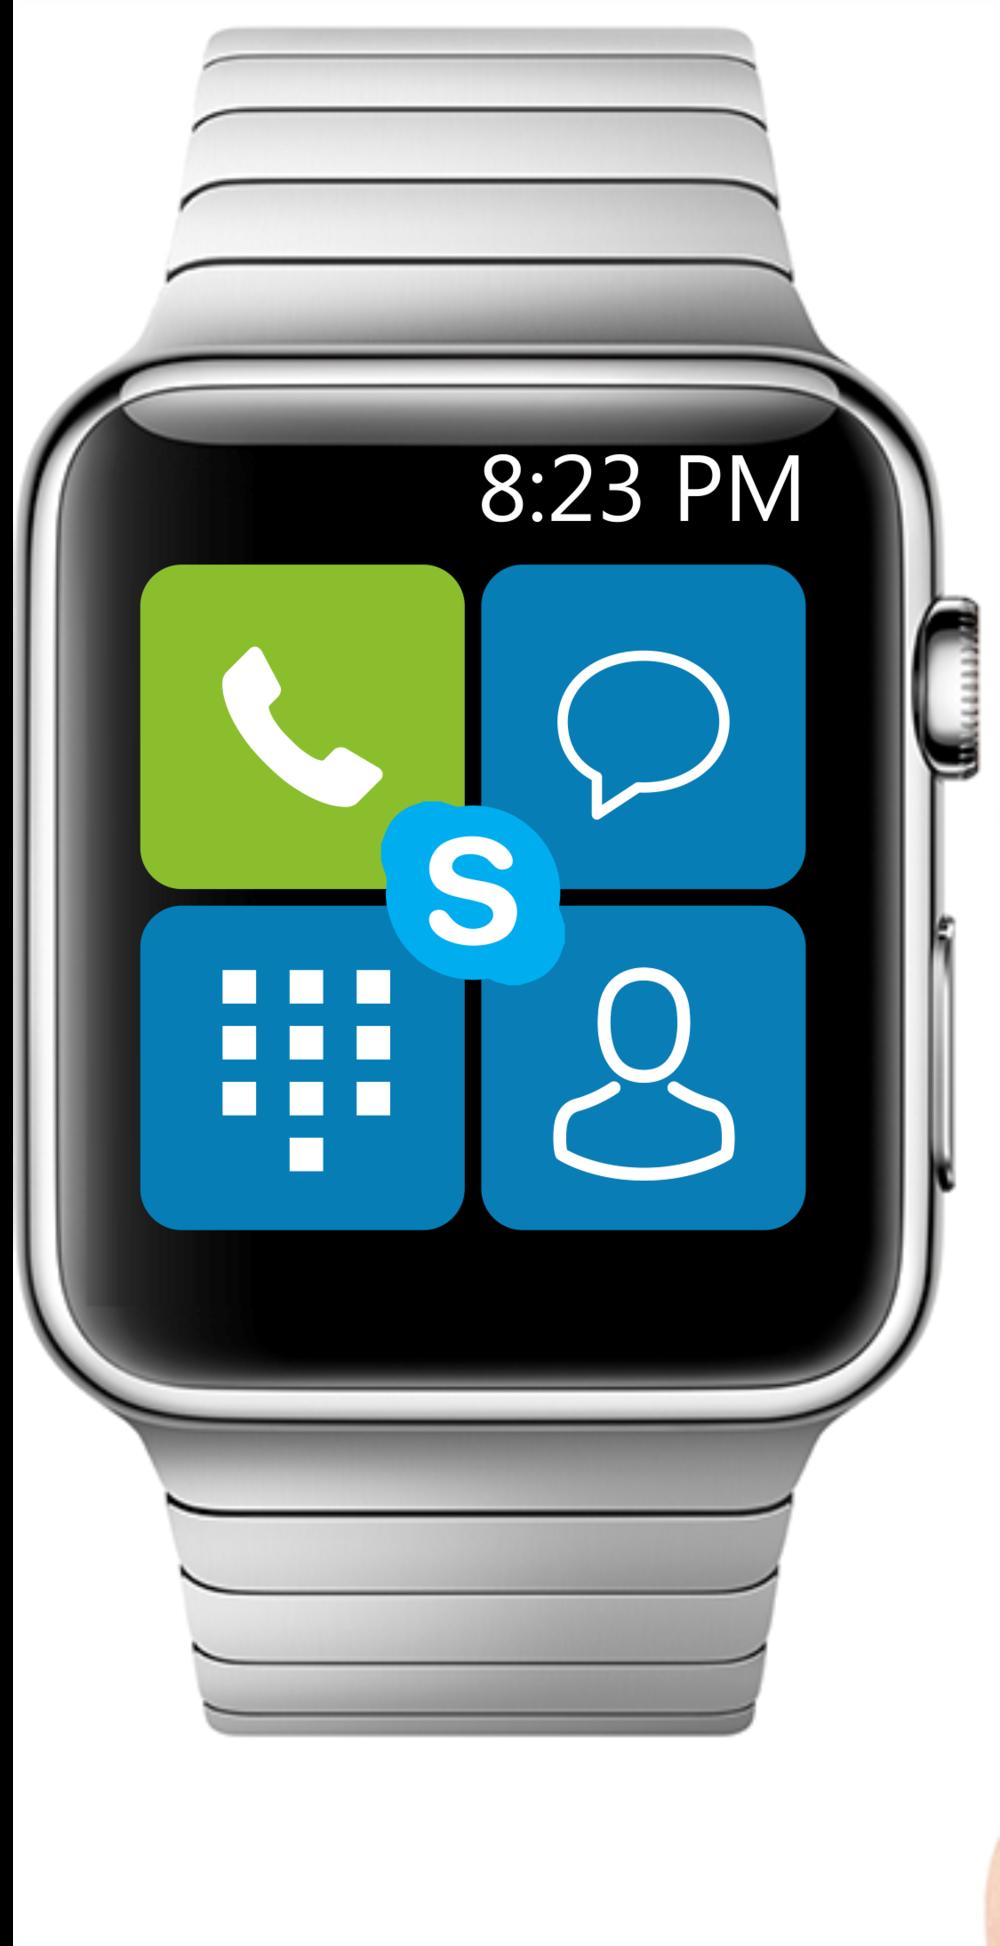 Skype home screen